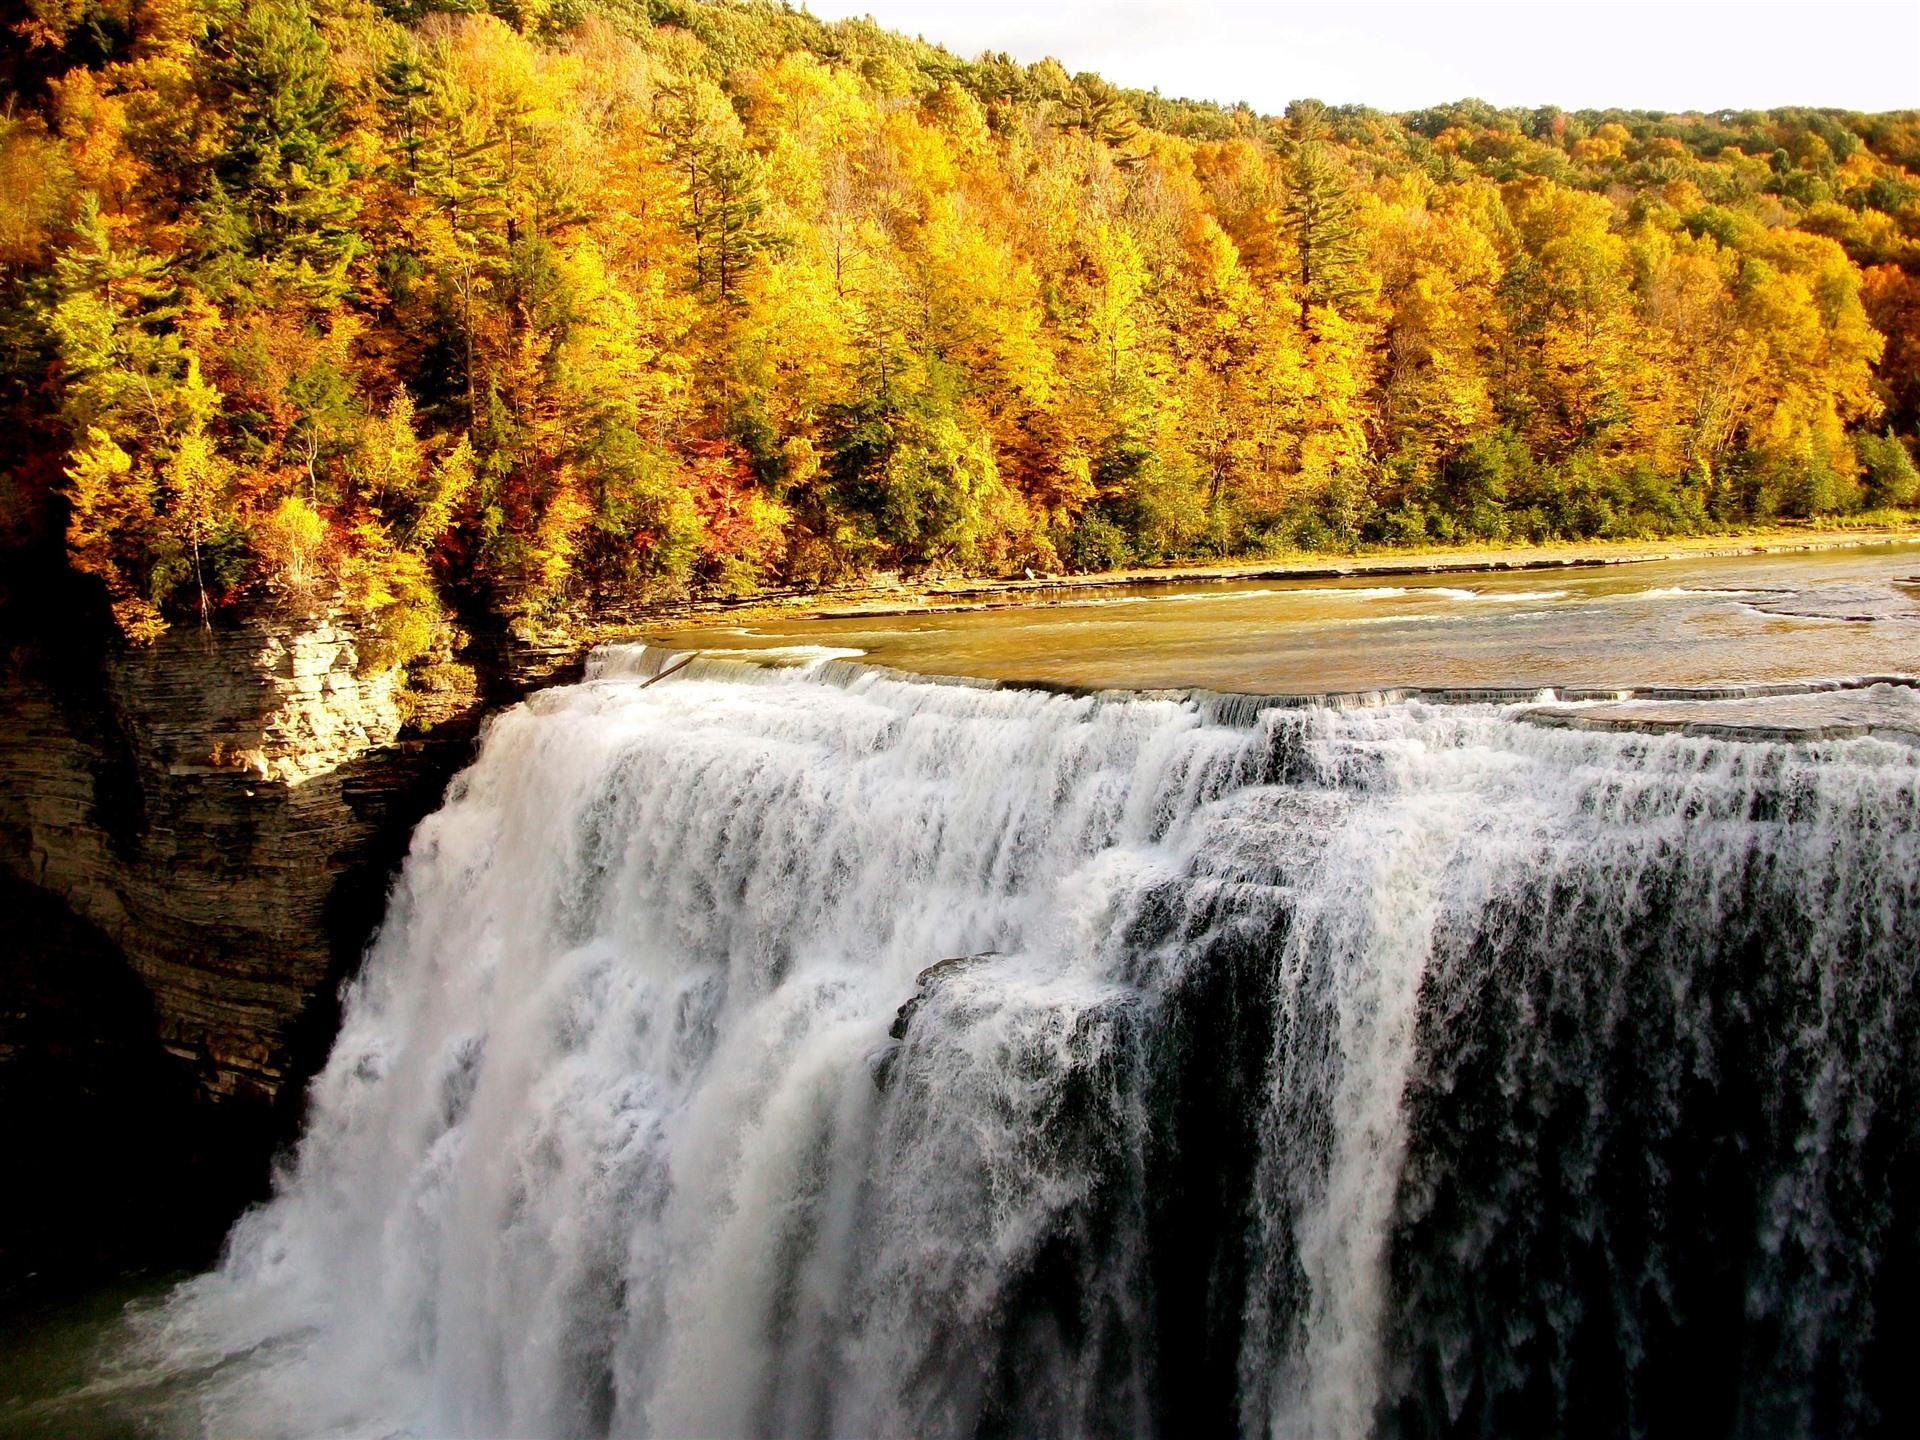 невидимых невооруженным доброе утро картинки красивые осенние водопад актеры комедийного жанра